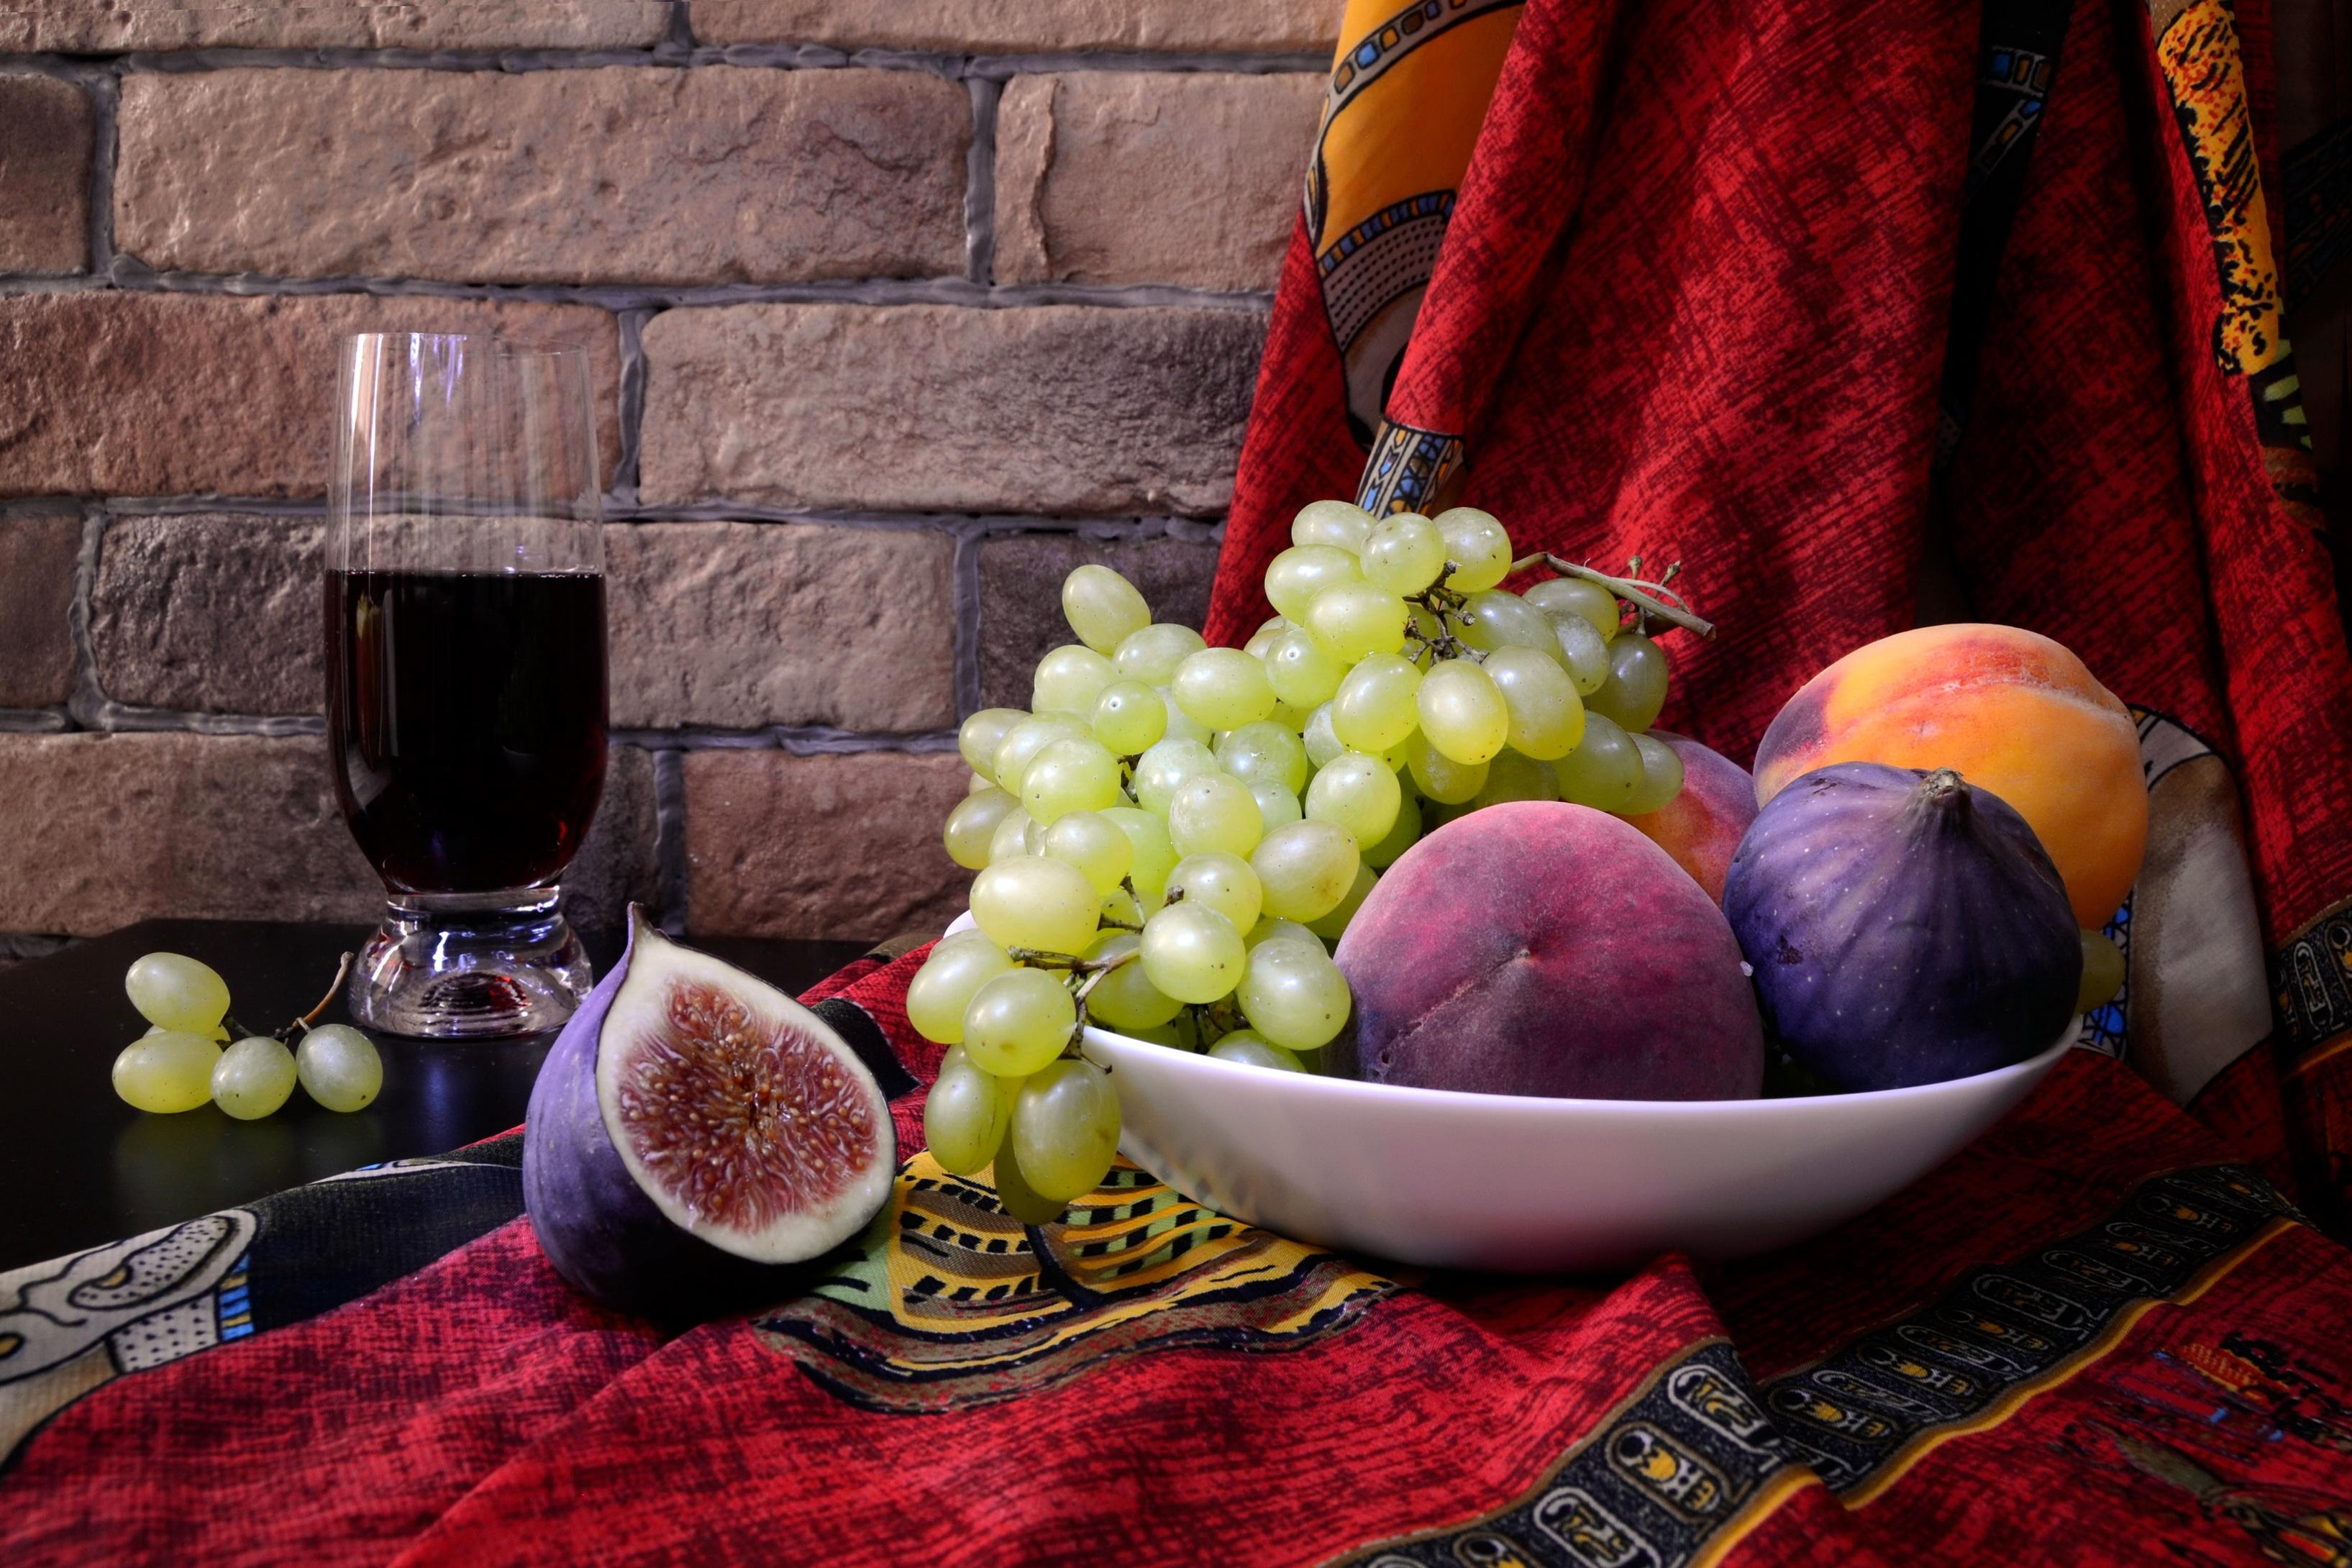 Masaüstü Boyama Gıda Meyve Plaka üzüm Meyve Suyu üretmek